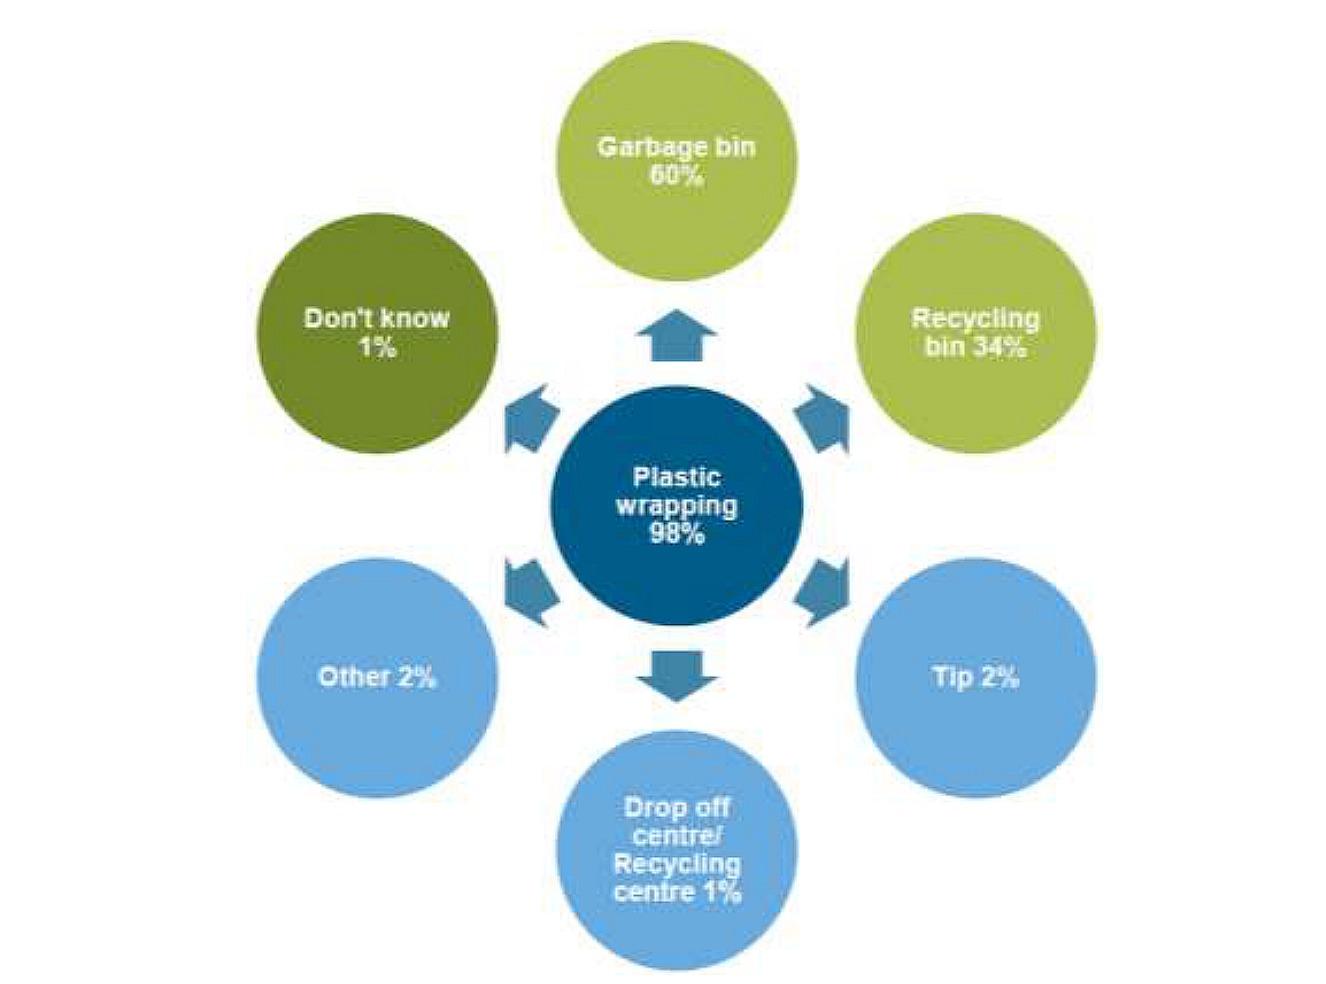 Source: http://www.epa.nsw.gov.au/resources/wastestrategy/150194-community-benchmark.pdf